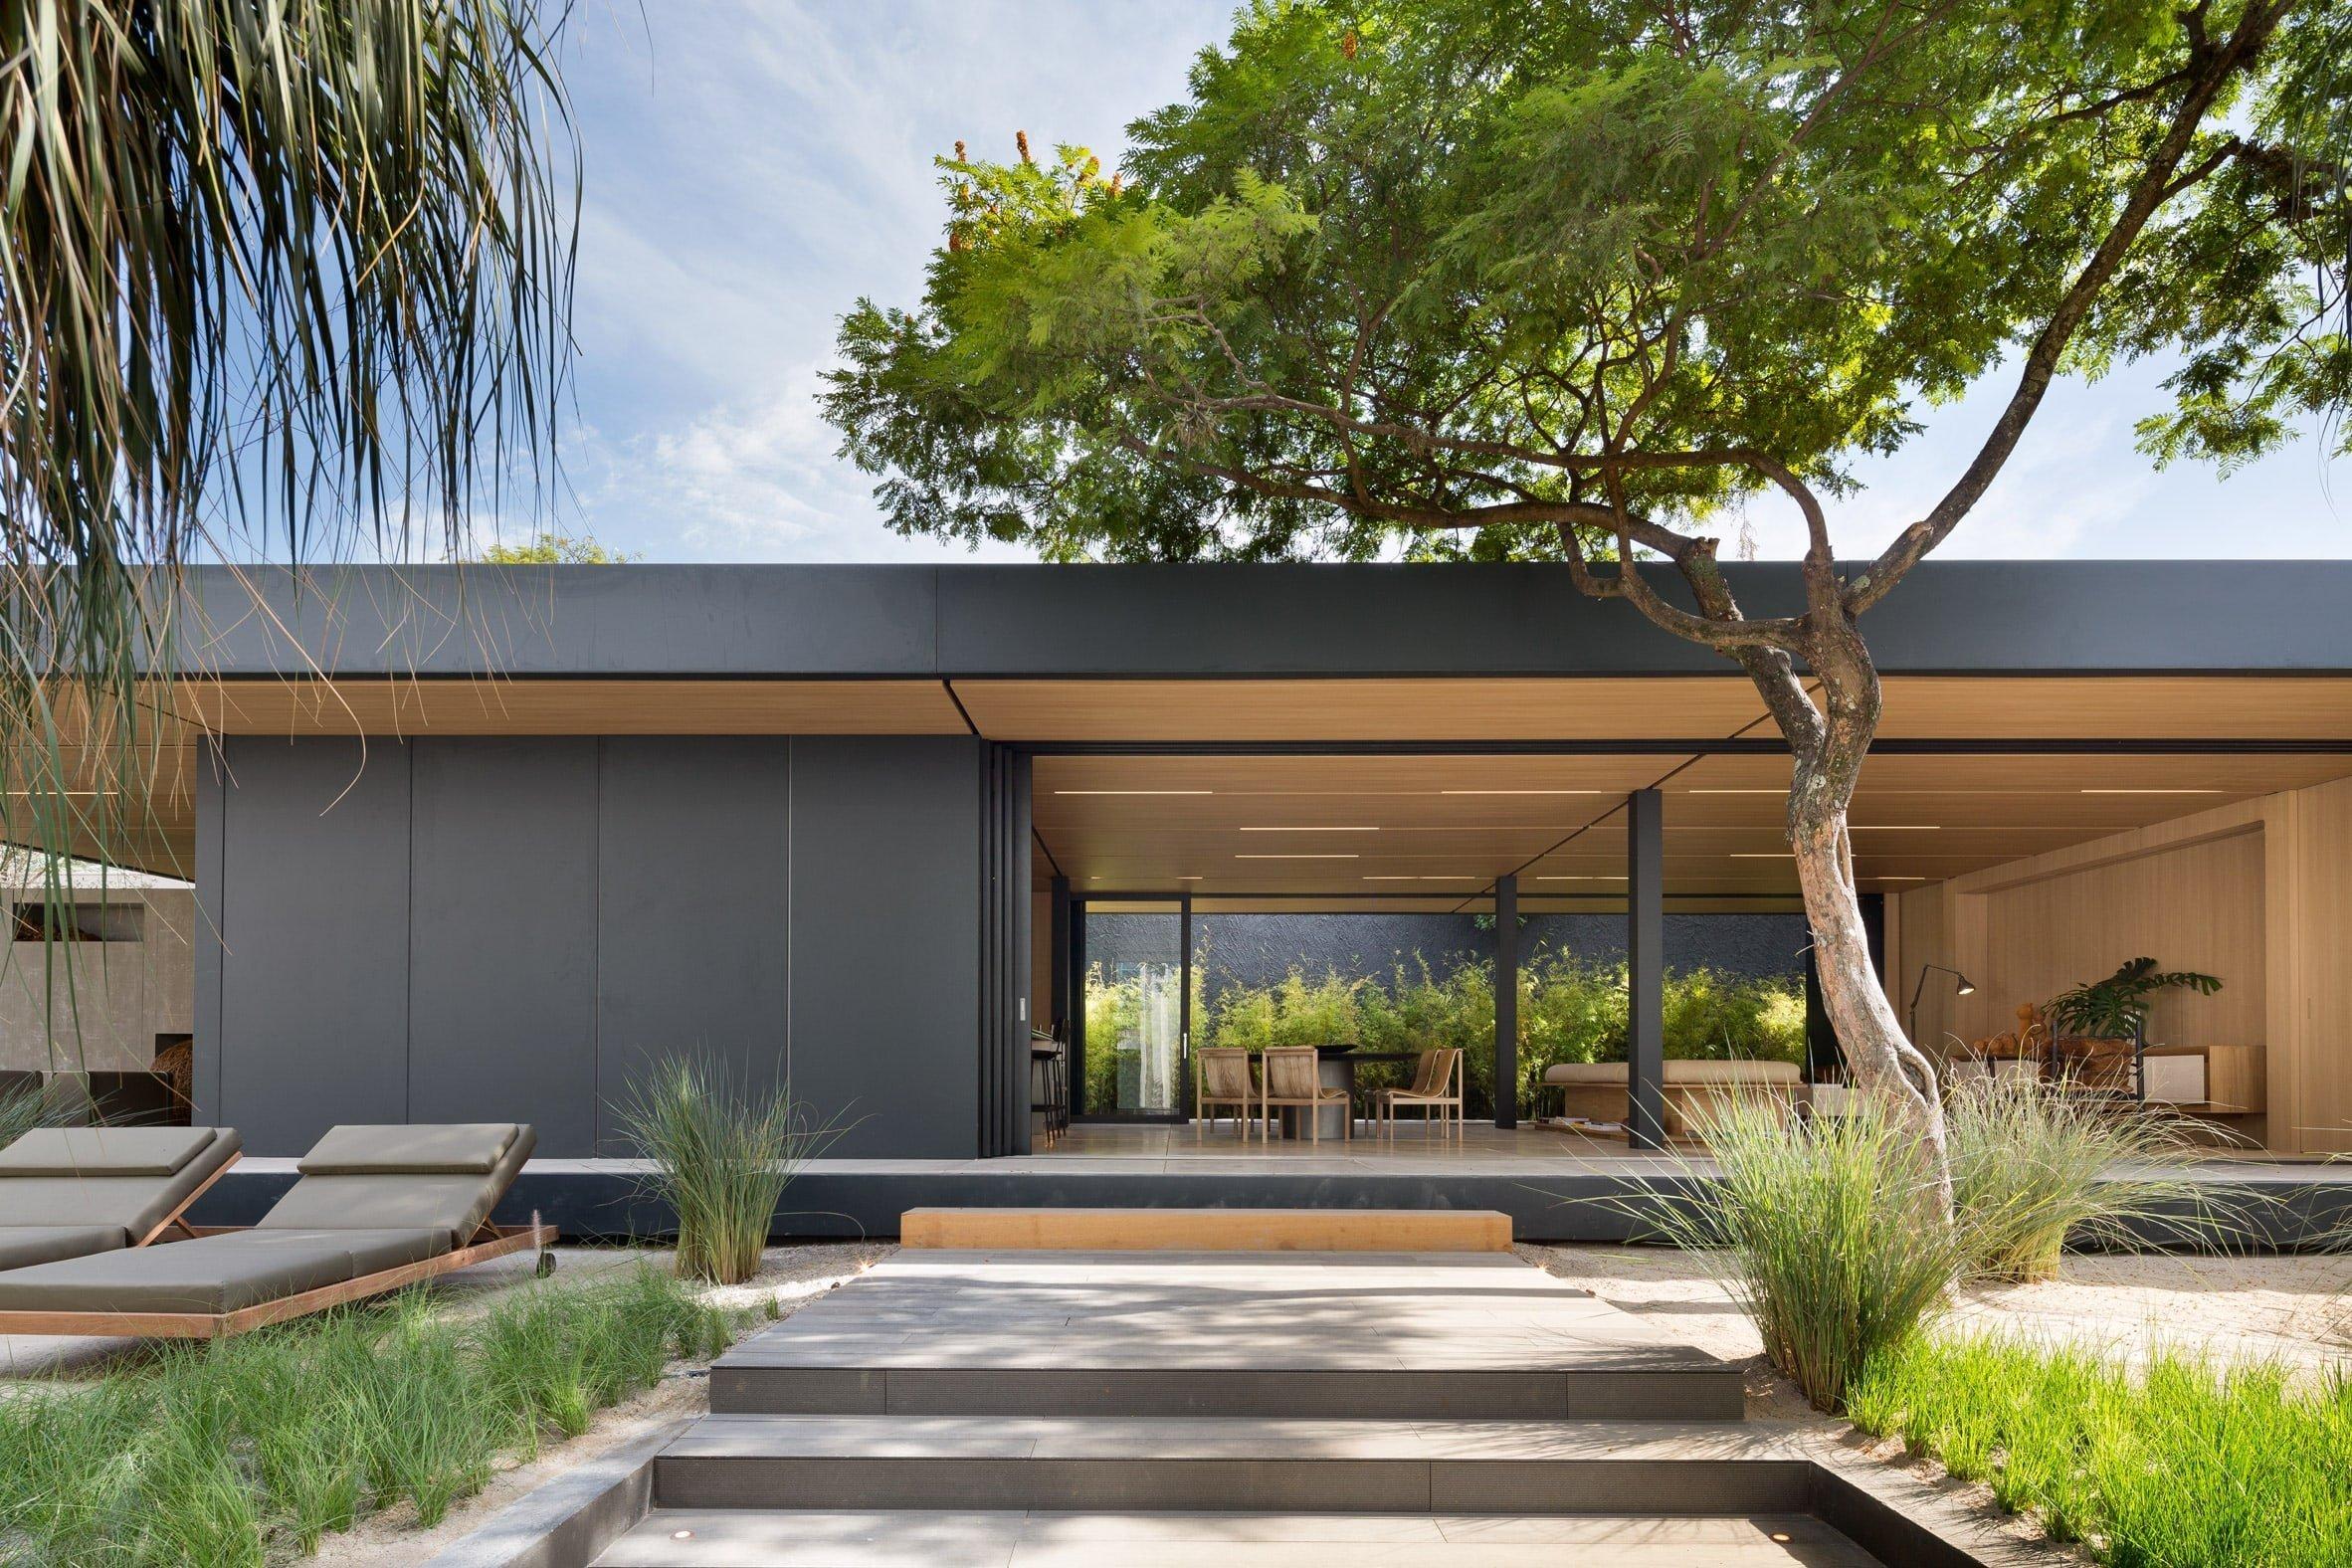 V dnešním článku se spolu podíváme do tohoto krásného prefabrikovaného domu z rukou firmy Stuio Arthur Casas, které mělo za úkol vytvořit vysoce flexibilní prefabrikované bydlení, které se vyhne jakémukoliv negativnímu překvapení, jakých se můžeme u běžných projektů dočkat. Jak se architekti se svým úkolem poprali?